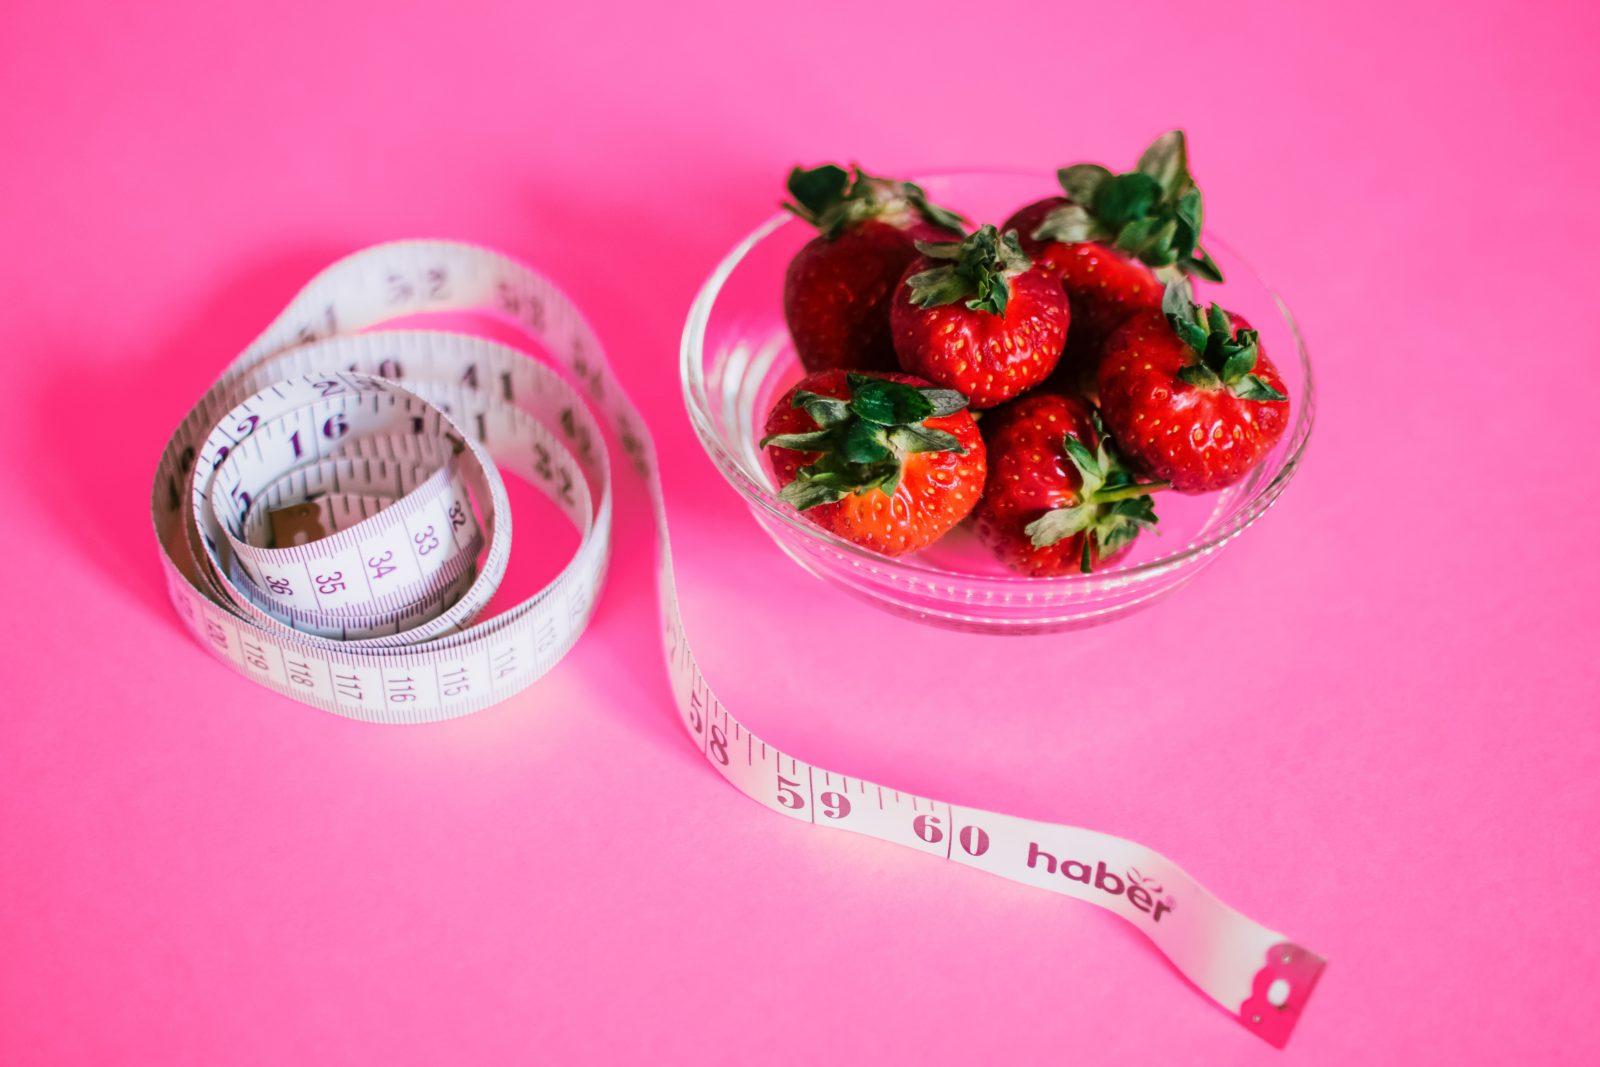 Как легко похудеть в один момент? Разгрузочный день придет на помощь